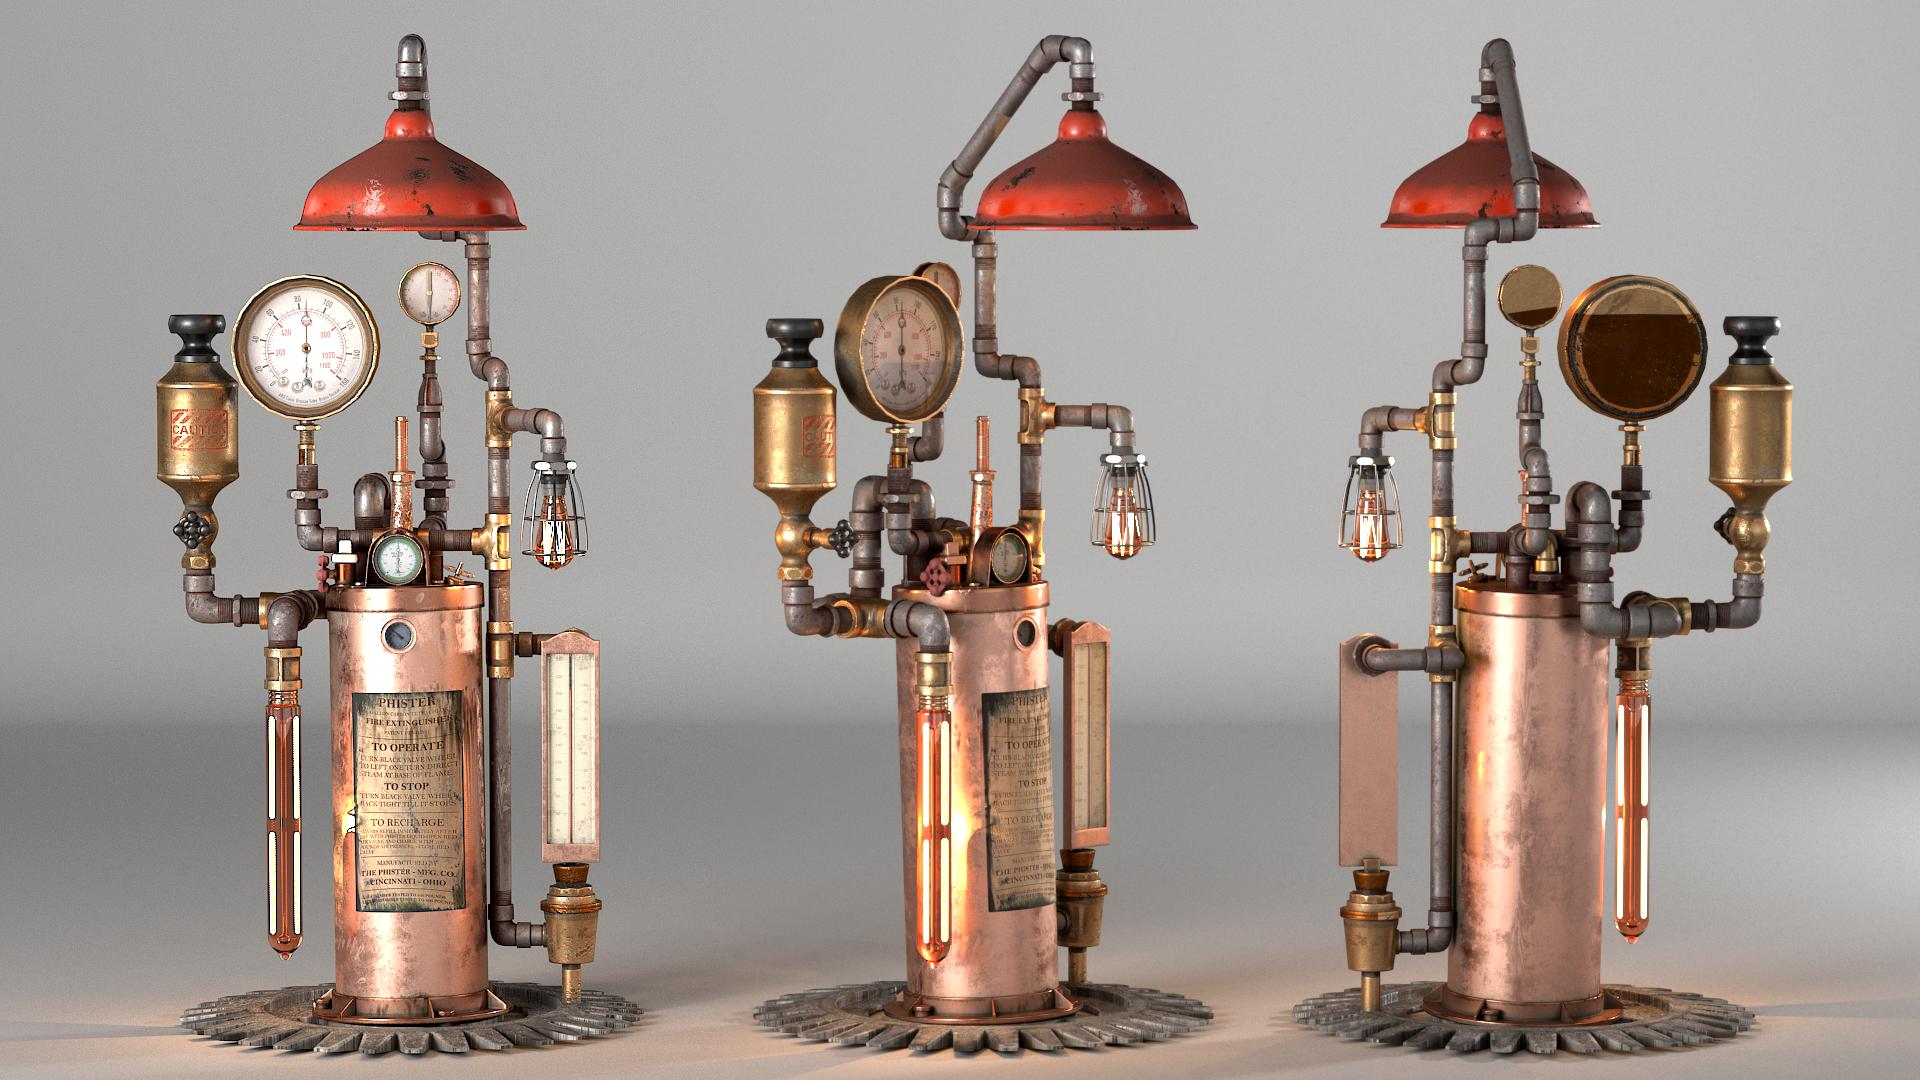 Phister chamber light model